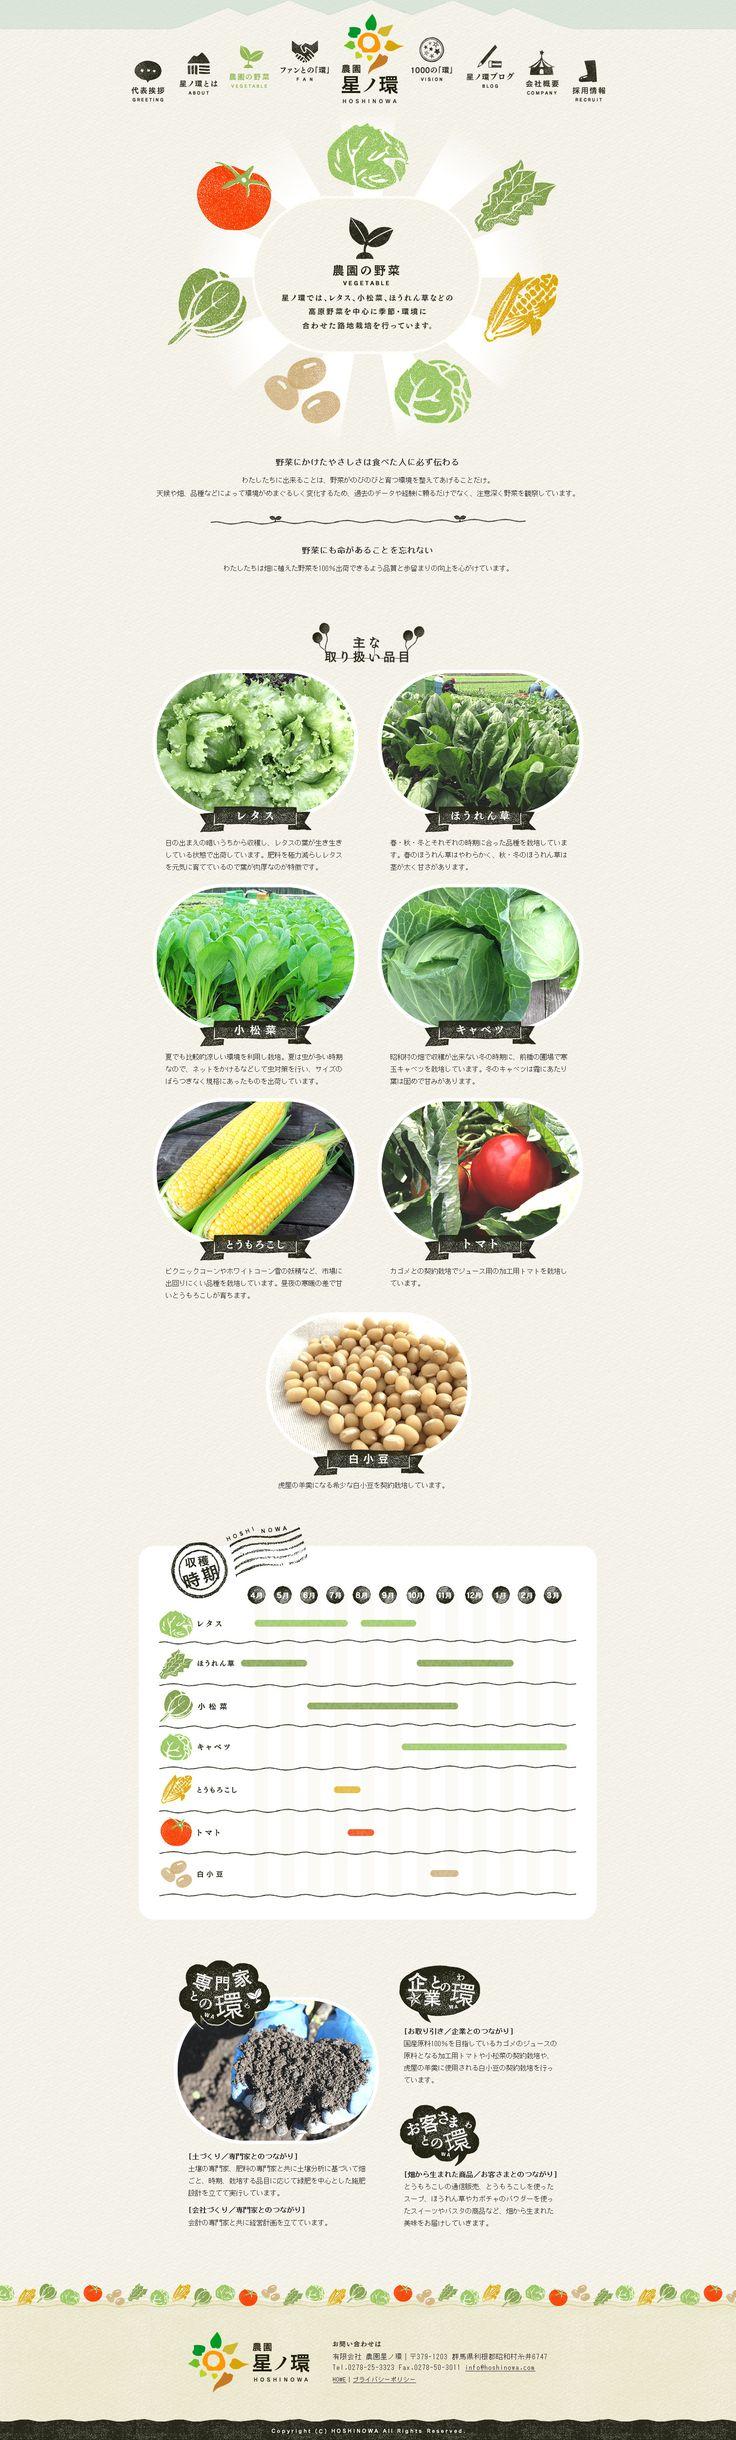 農園の野菜【食品関連】のLPデザイン。WEBデザイナーさん必見!ランディングページのデザイン参考に(オーガニック系)